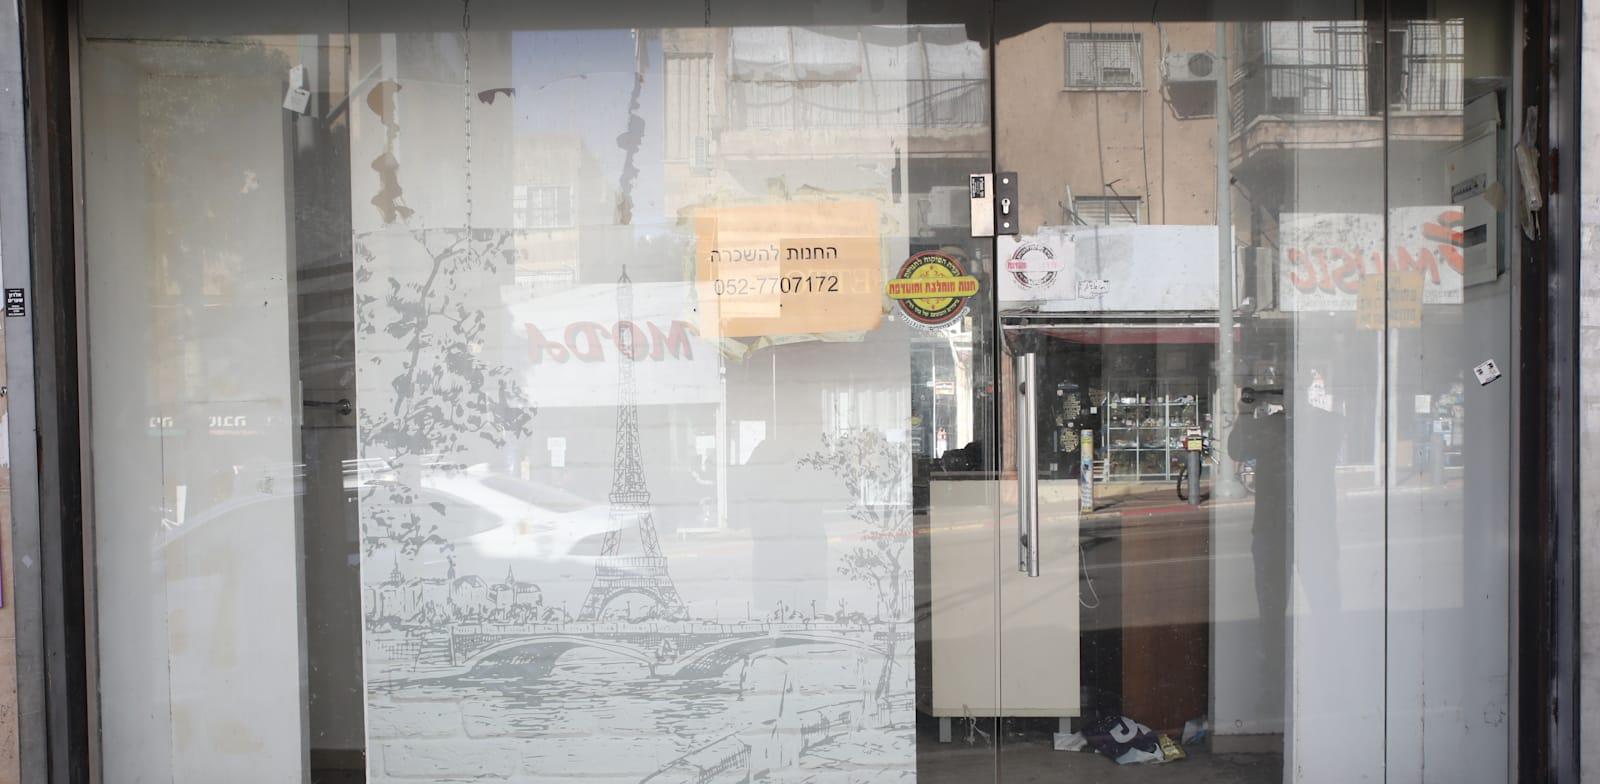 עסקים סגורים בבני ברק בסגר השלישי / צילום: כדיה לוי